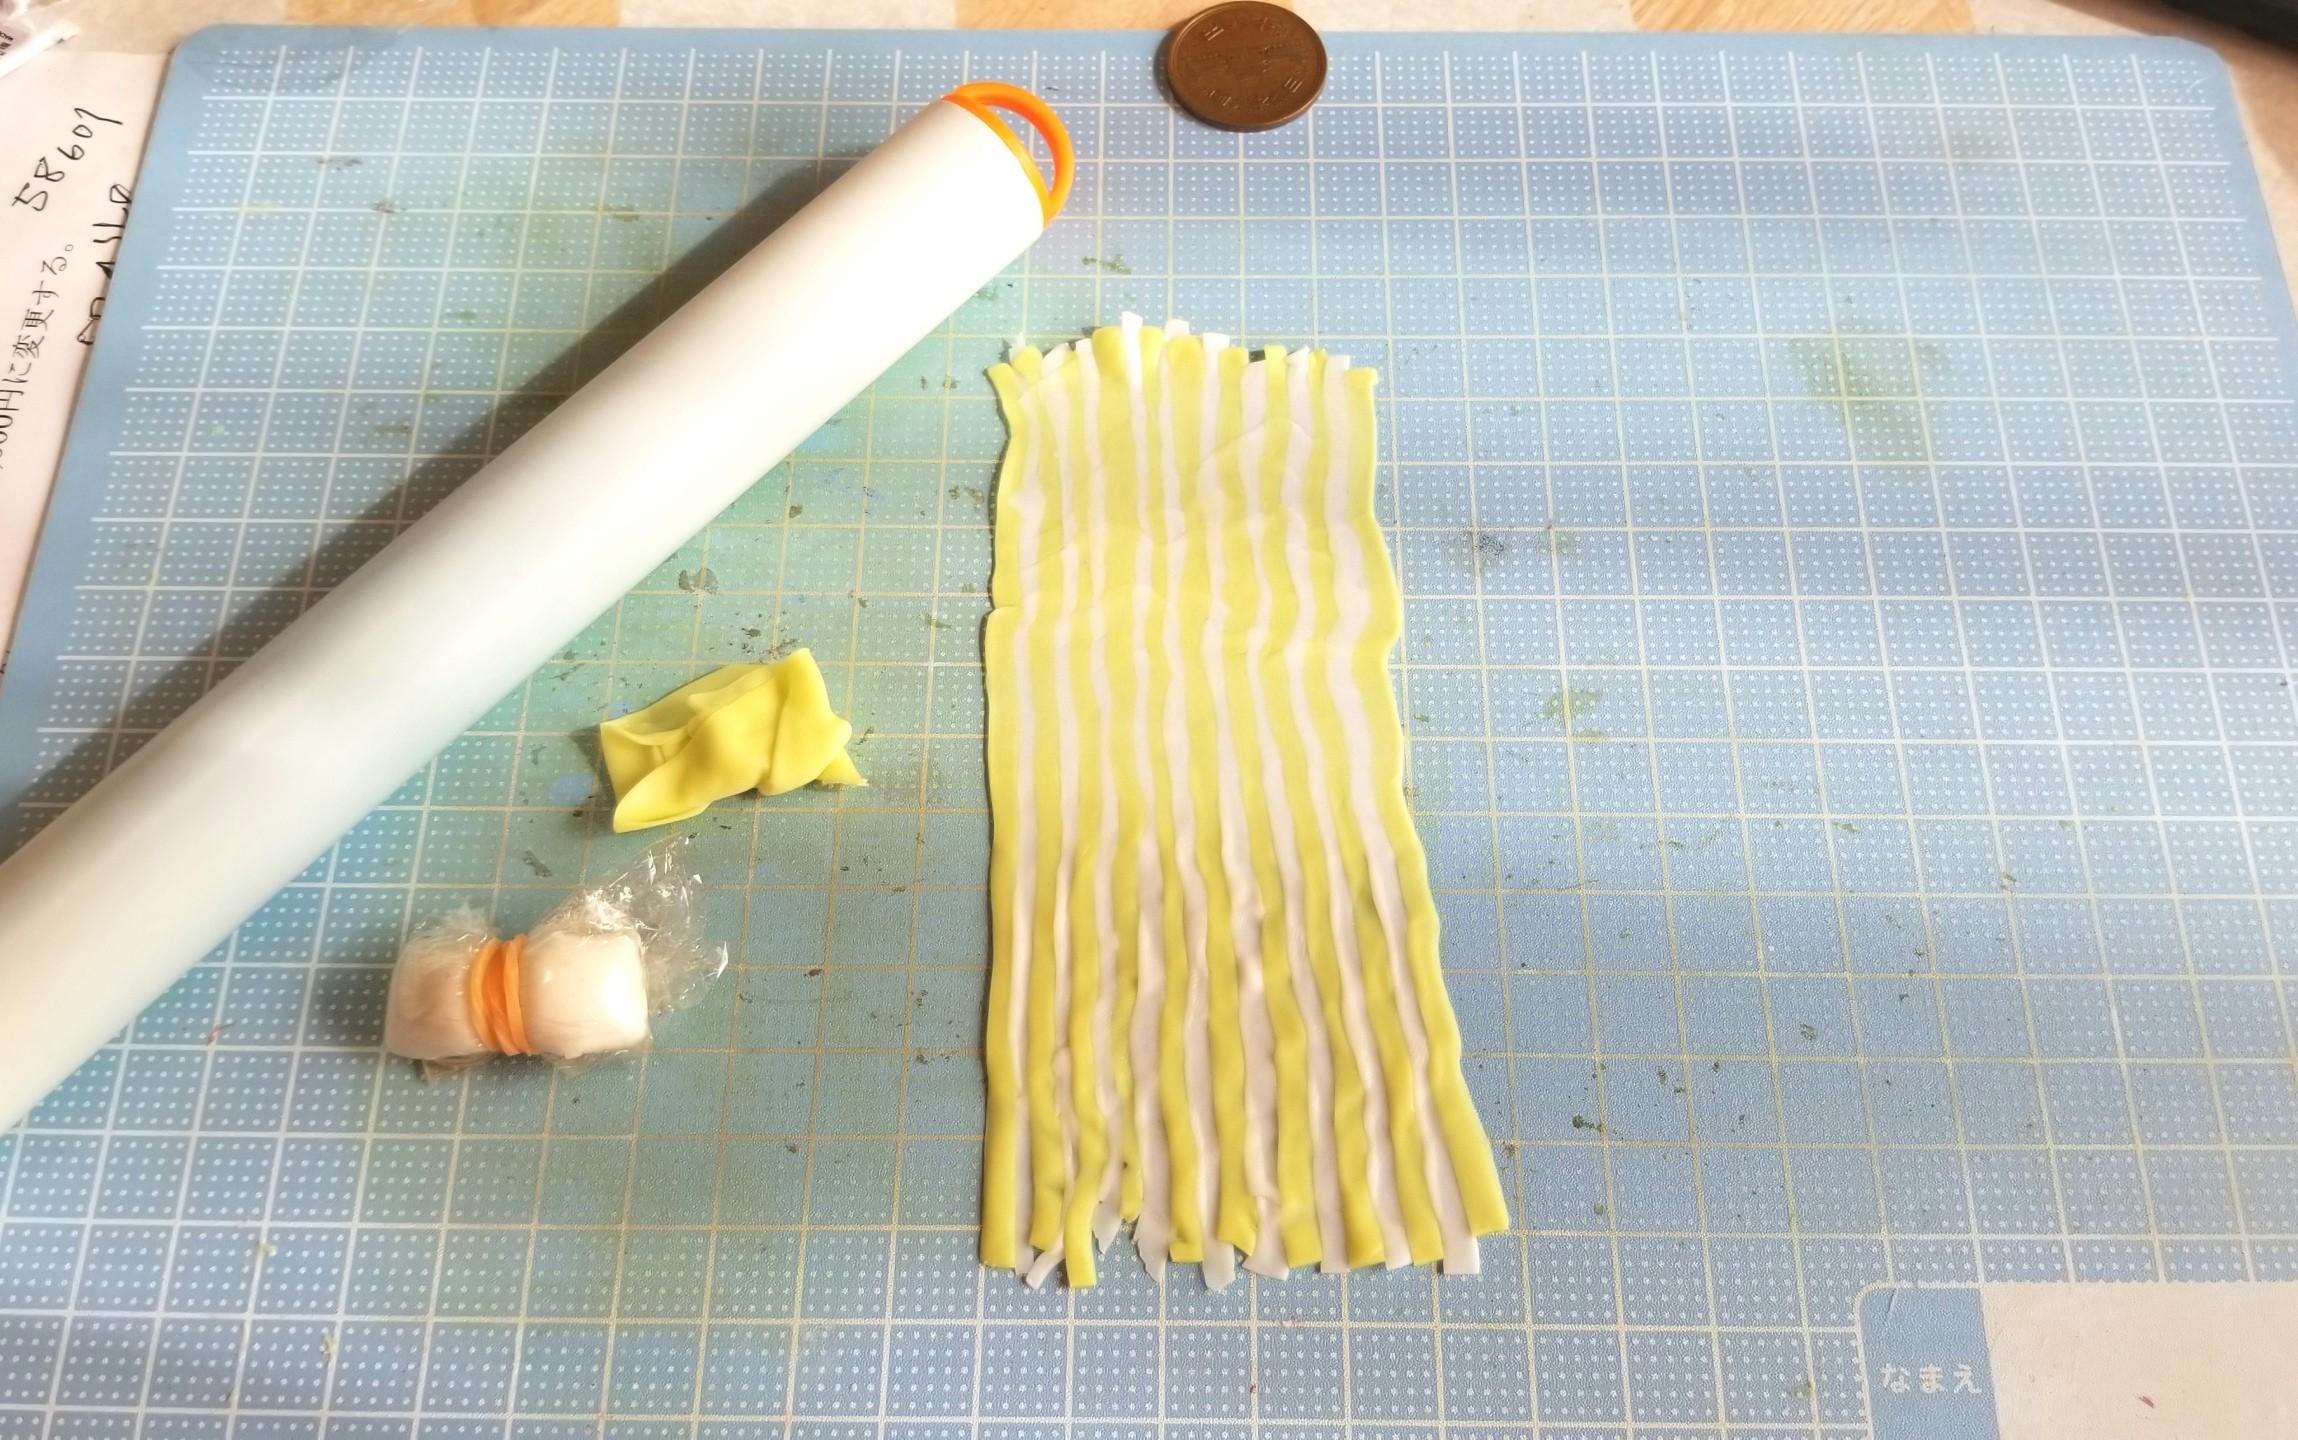 ミニチュアフード,生菓子,和菓子,作り方,樹脂粘土,食品サンプル